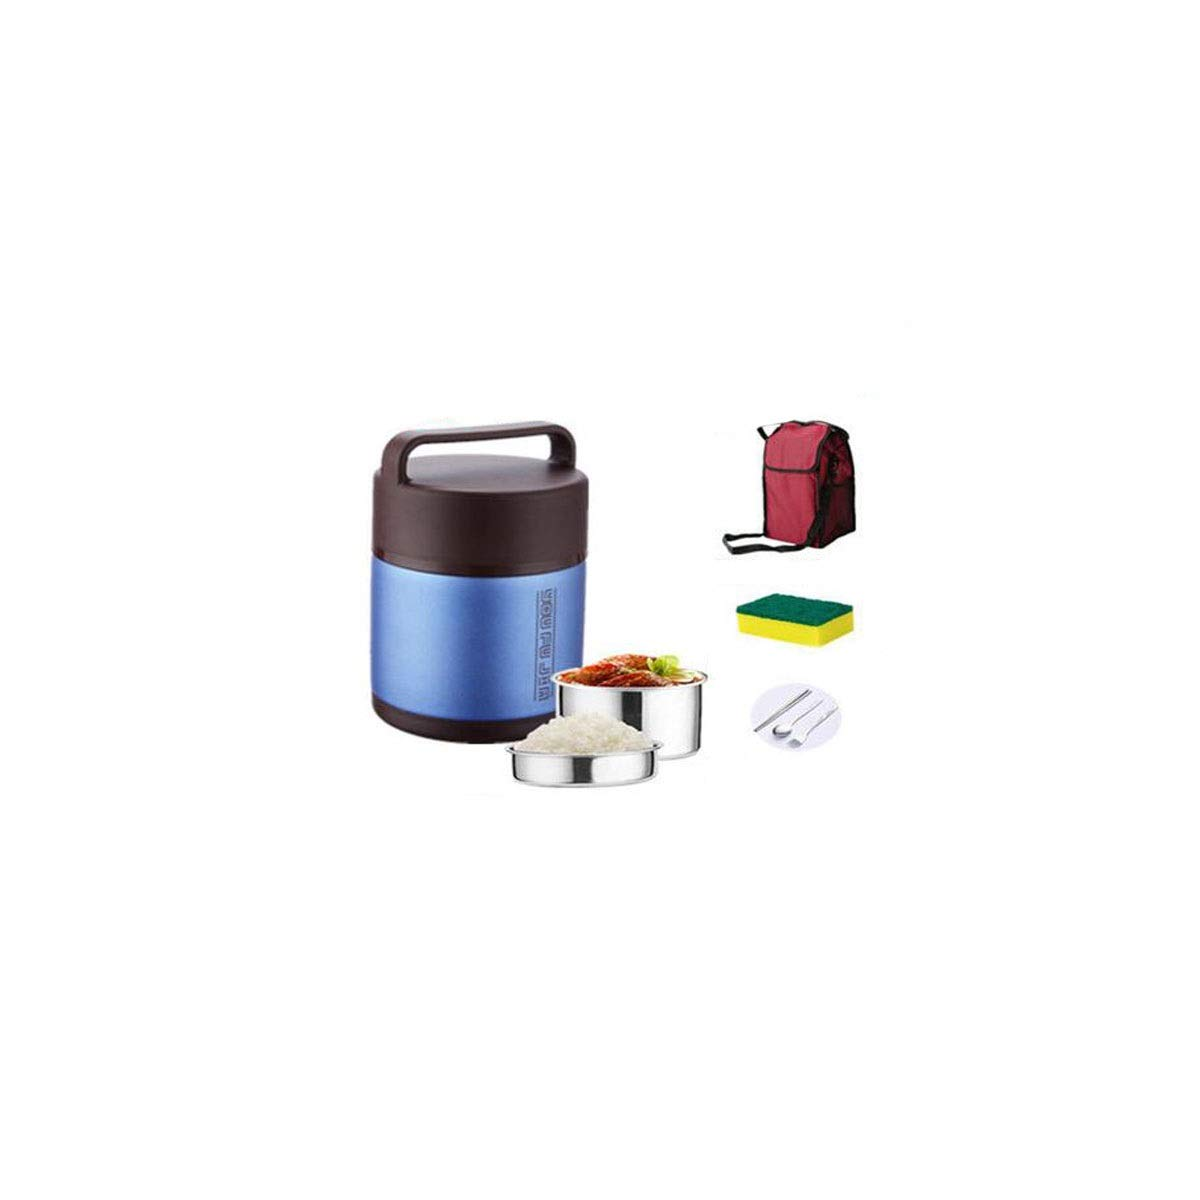 Vaso in Acciaio Inox con Isolamento sottovuoto Chengjinxiang Thermos Regali Resistente allUsura Blu 2 Litri da Pranzo allaperto Adatto per la Famiglia Thermos per Pranzo